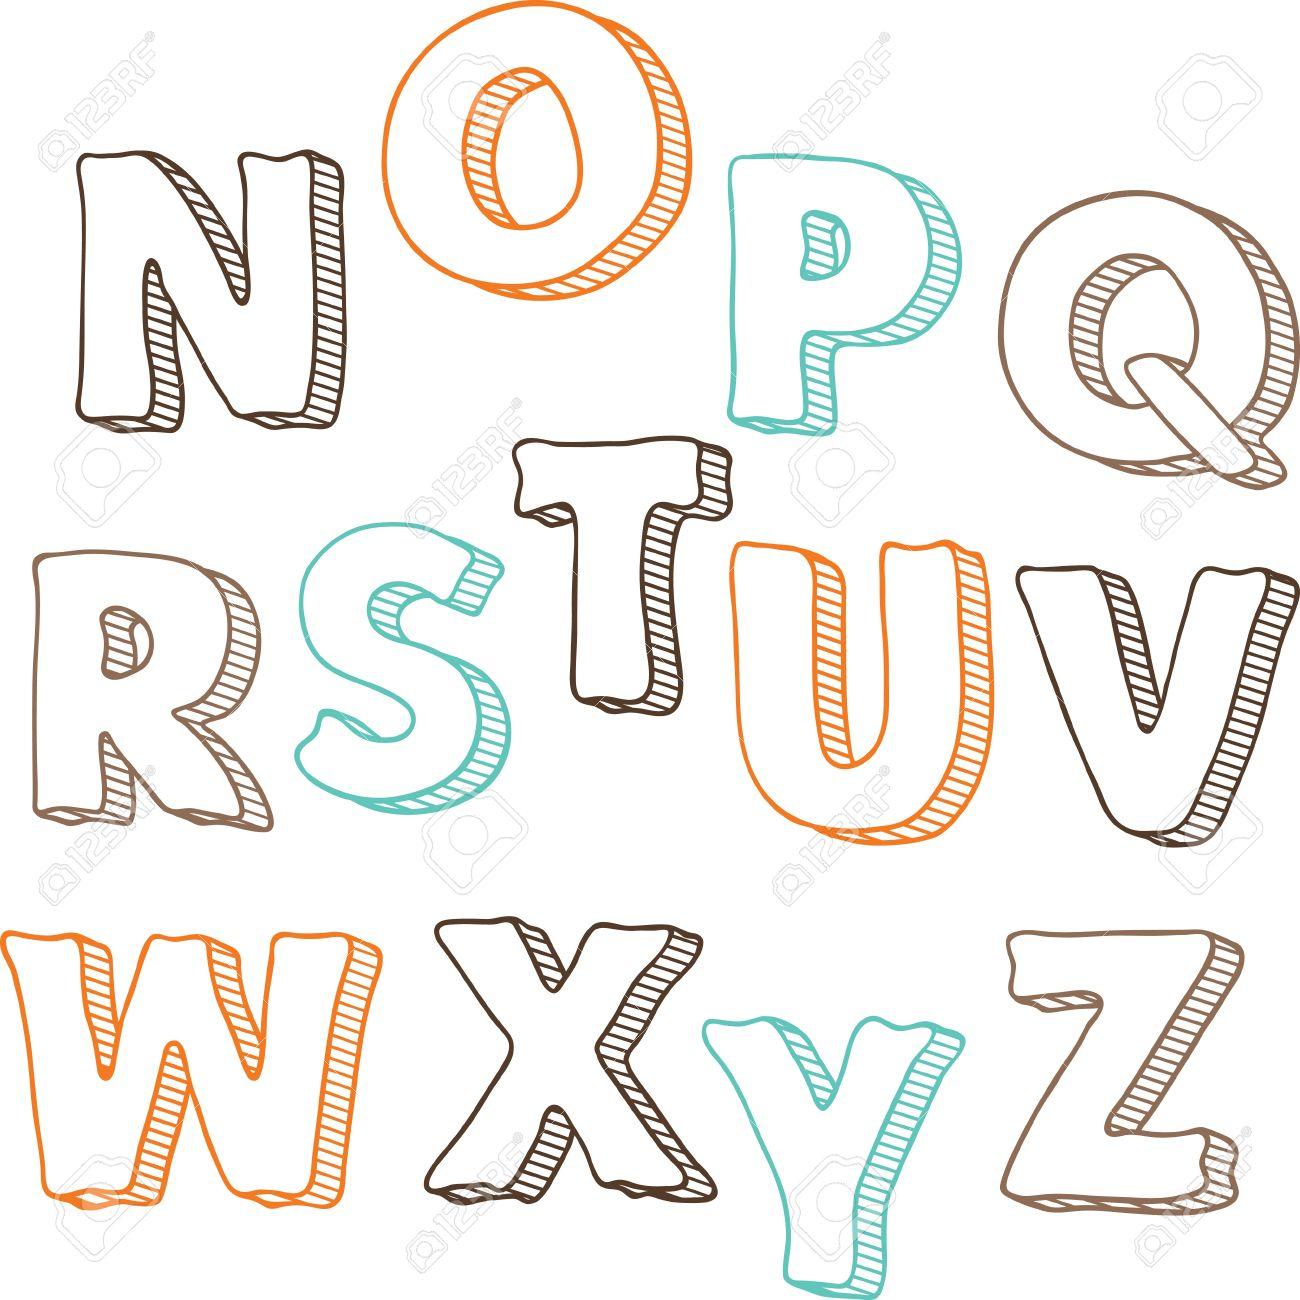 かわいい手描きフォント文字セット n から z ロイヤリティフリー